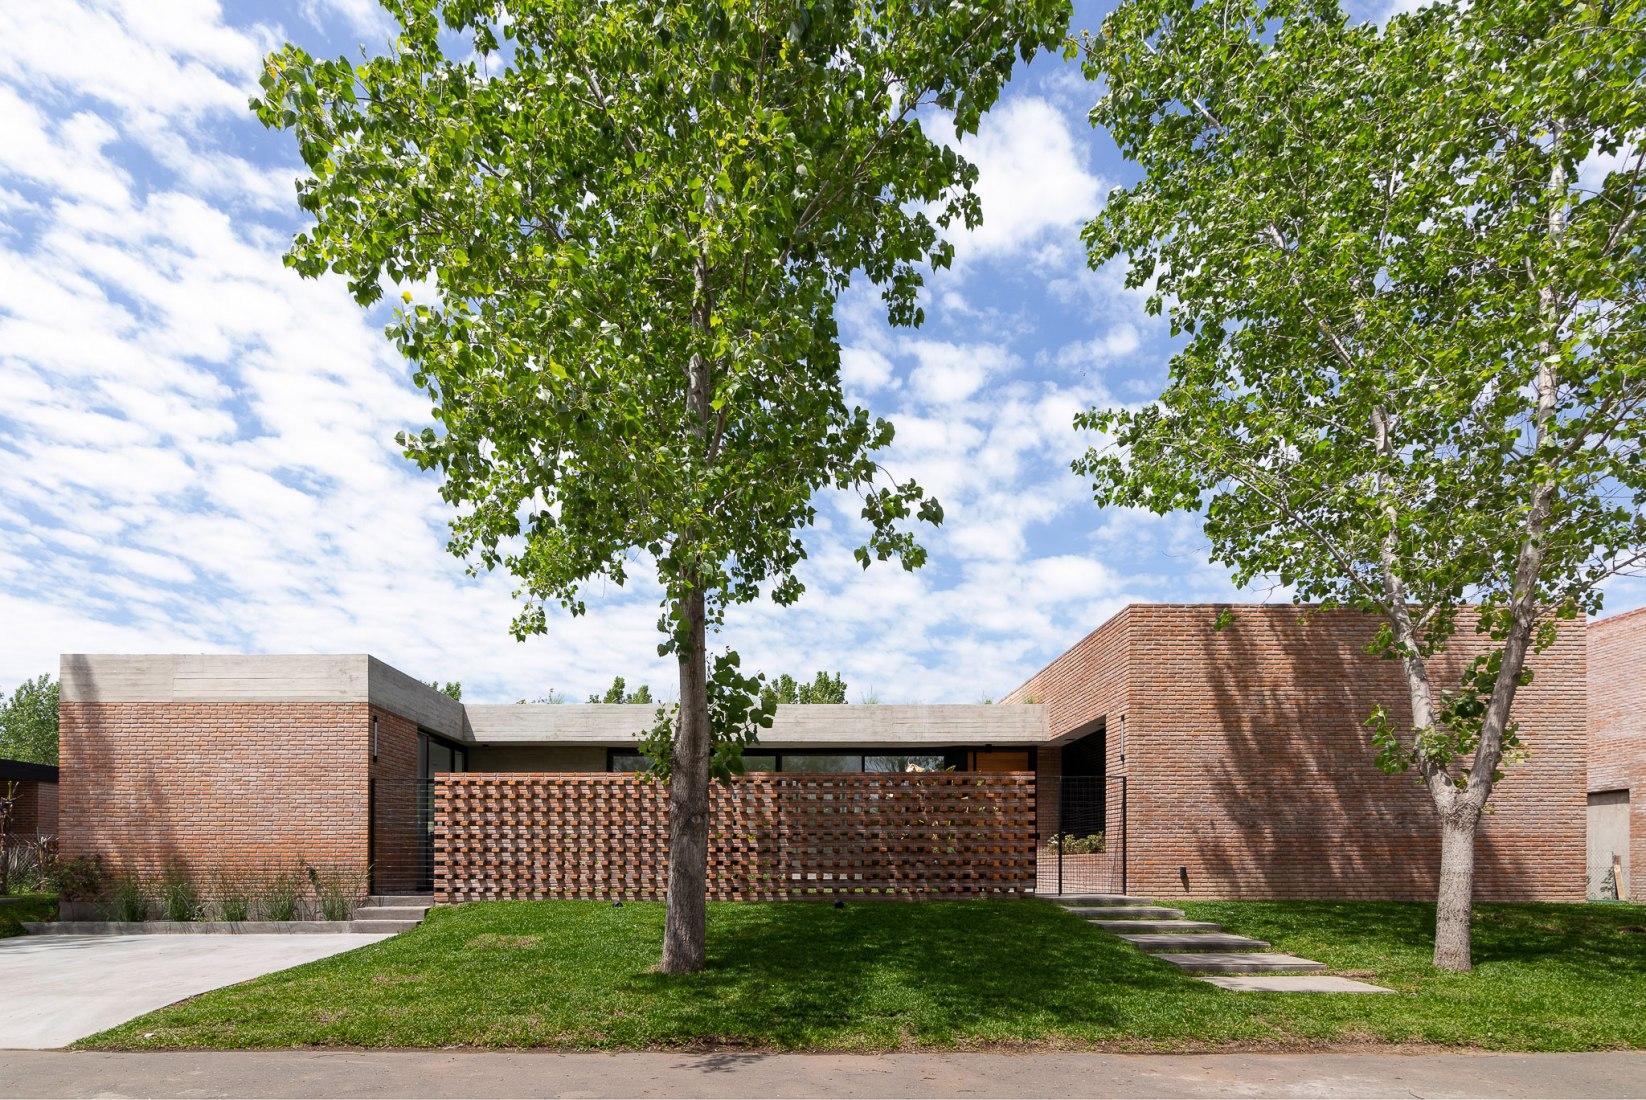 Casa LP.0405 por Nómade Arquitectura. Fotografía Ramiro Sosa